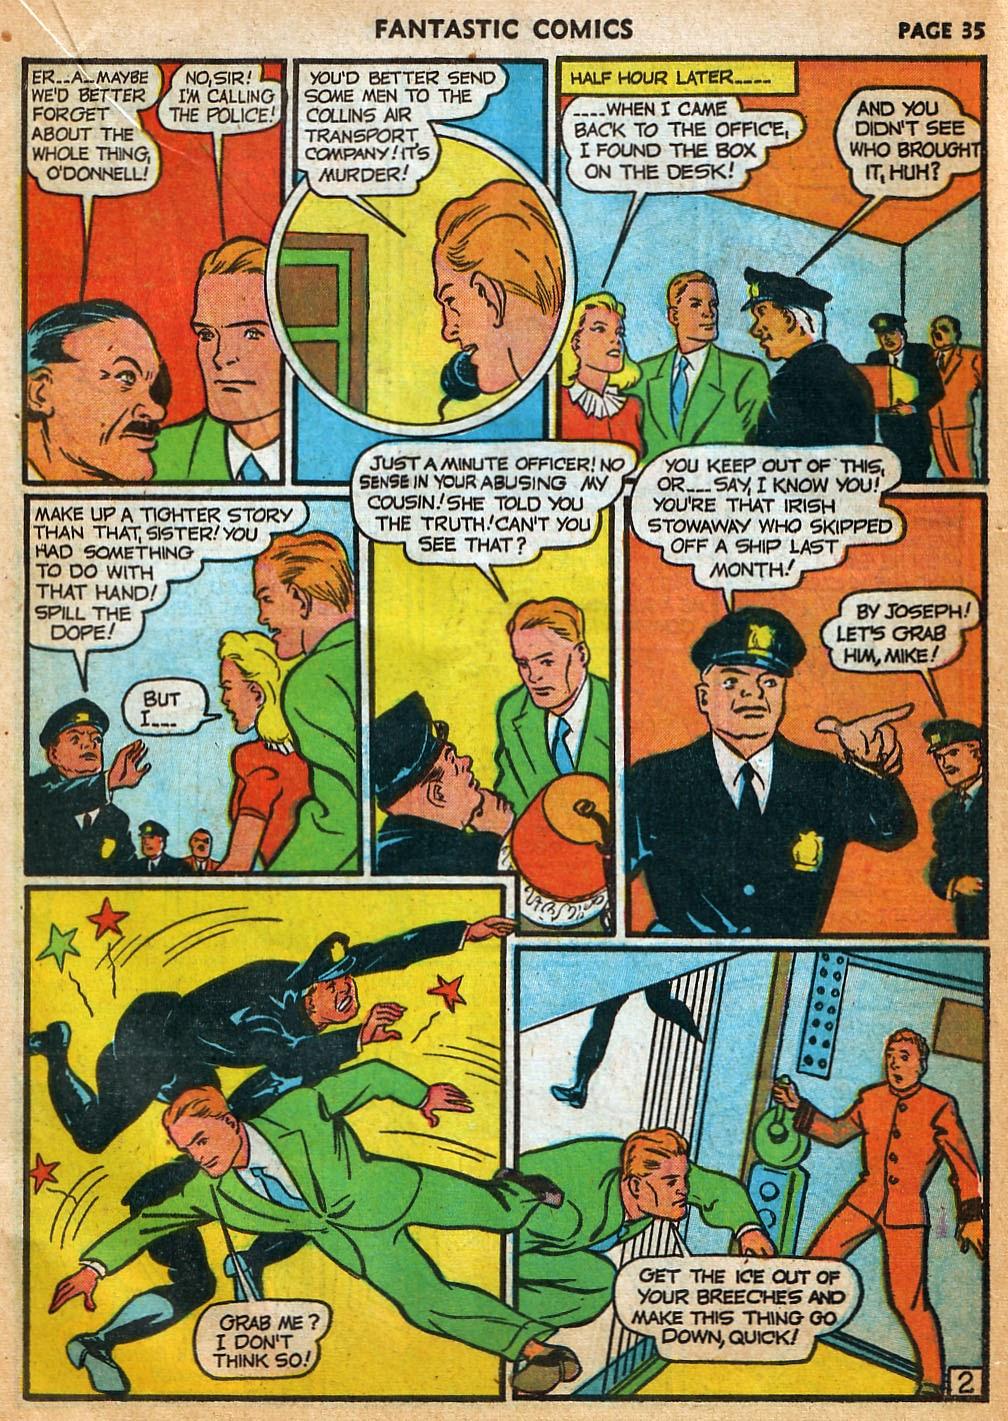 Read online Fantastic Comics comic -  Issue #22 - 36